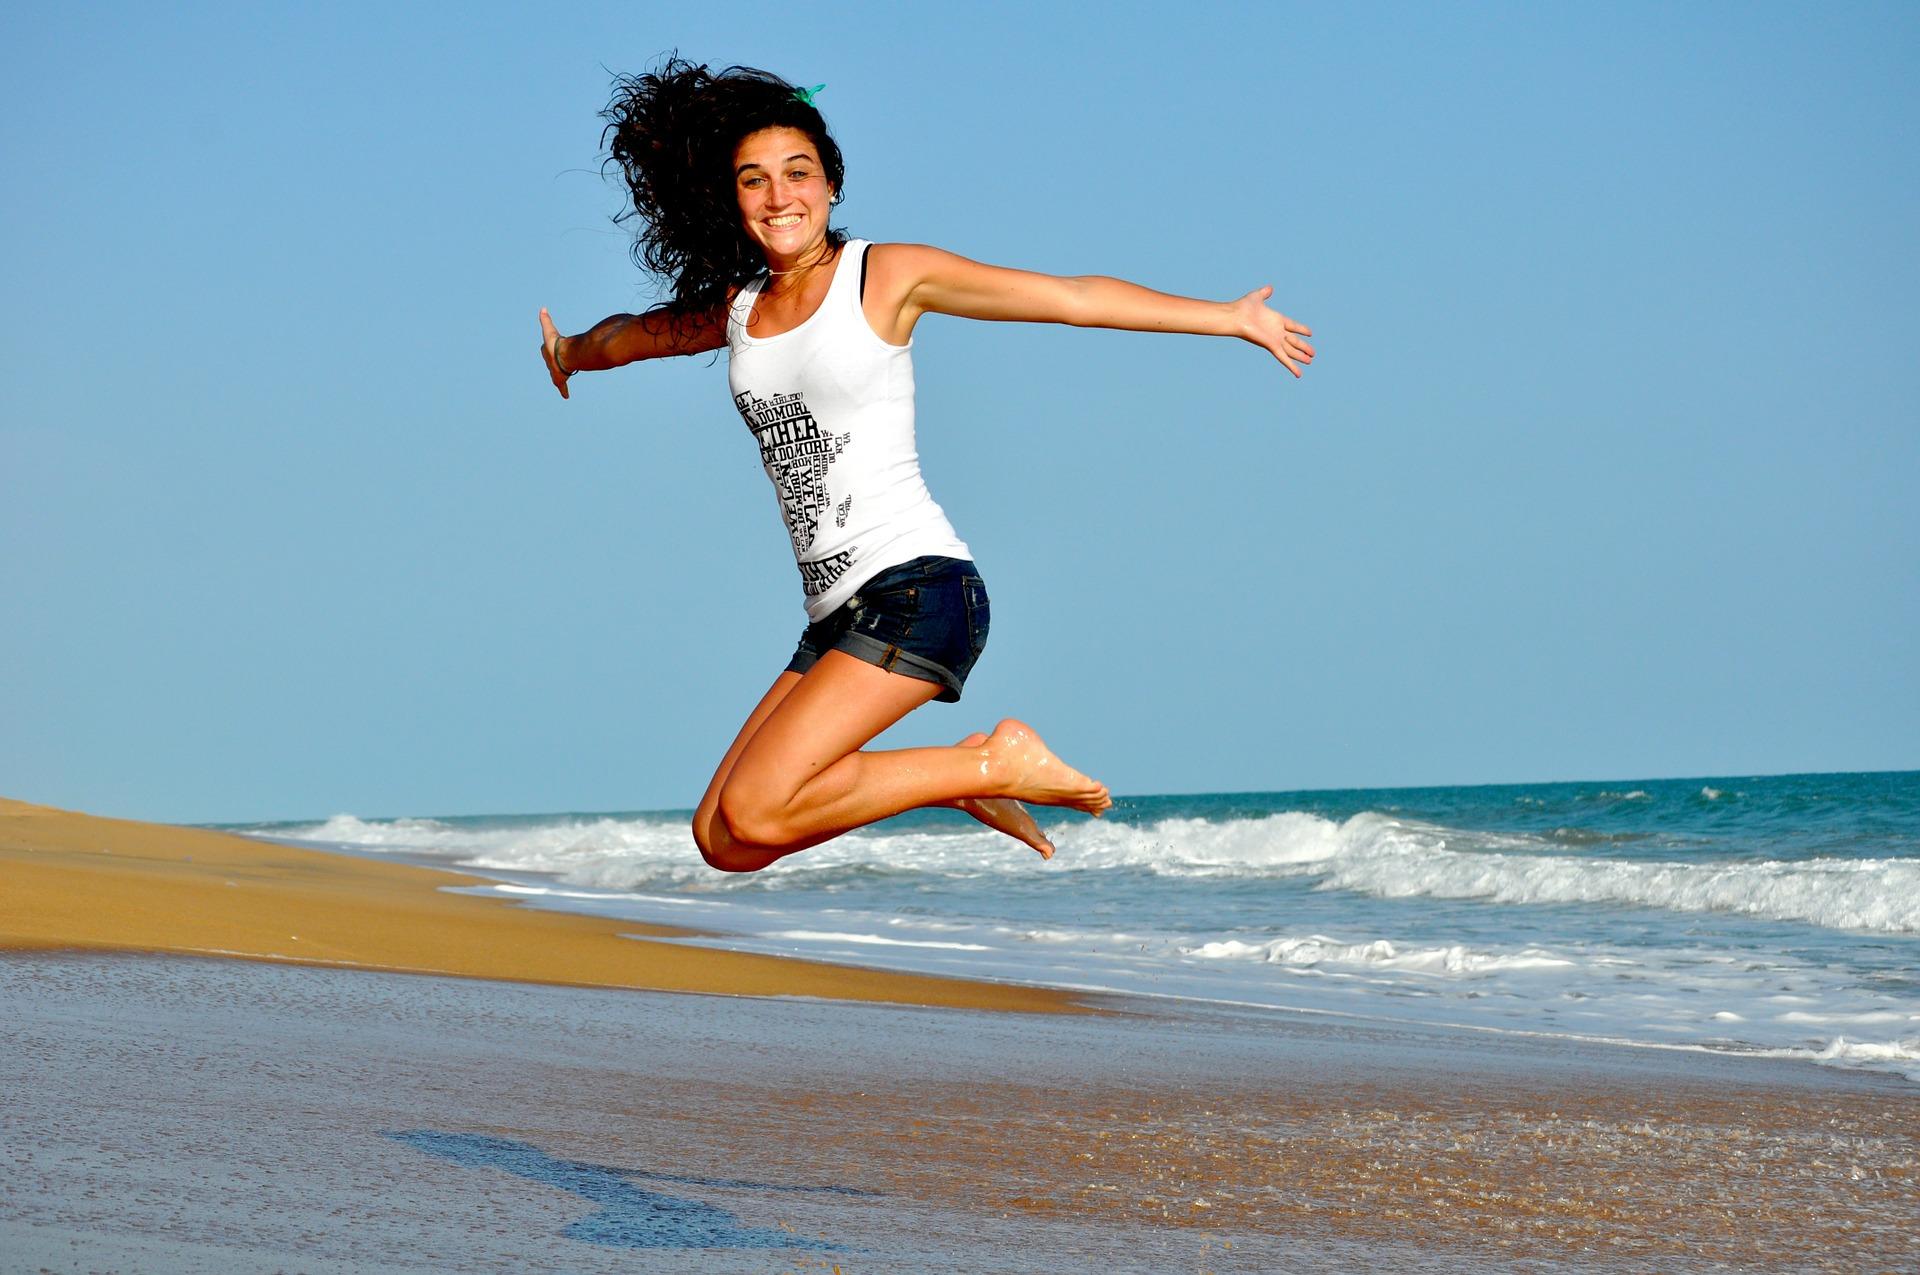 Mujer saltando gestionar la autoestima